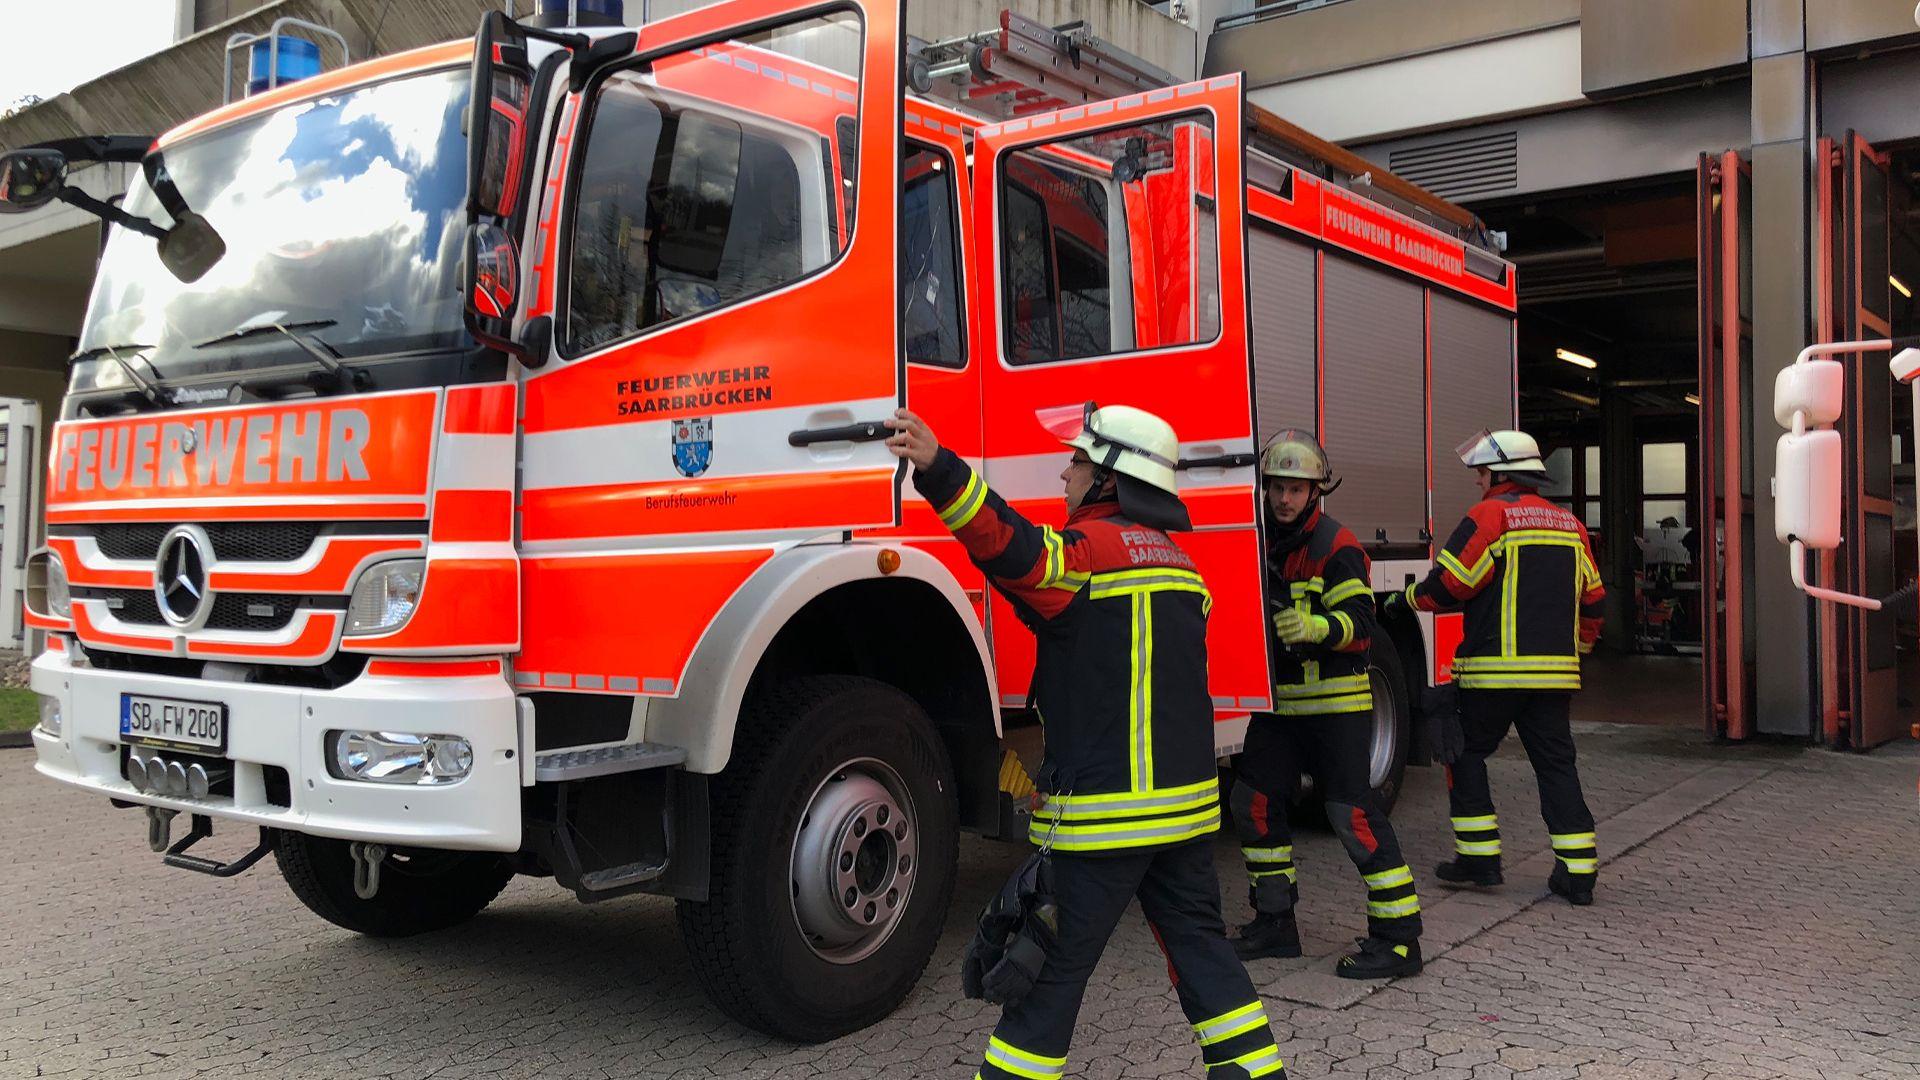 Sven On Twitter Wdr Mediathek Und Feuer Und Flamme Gucken Super